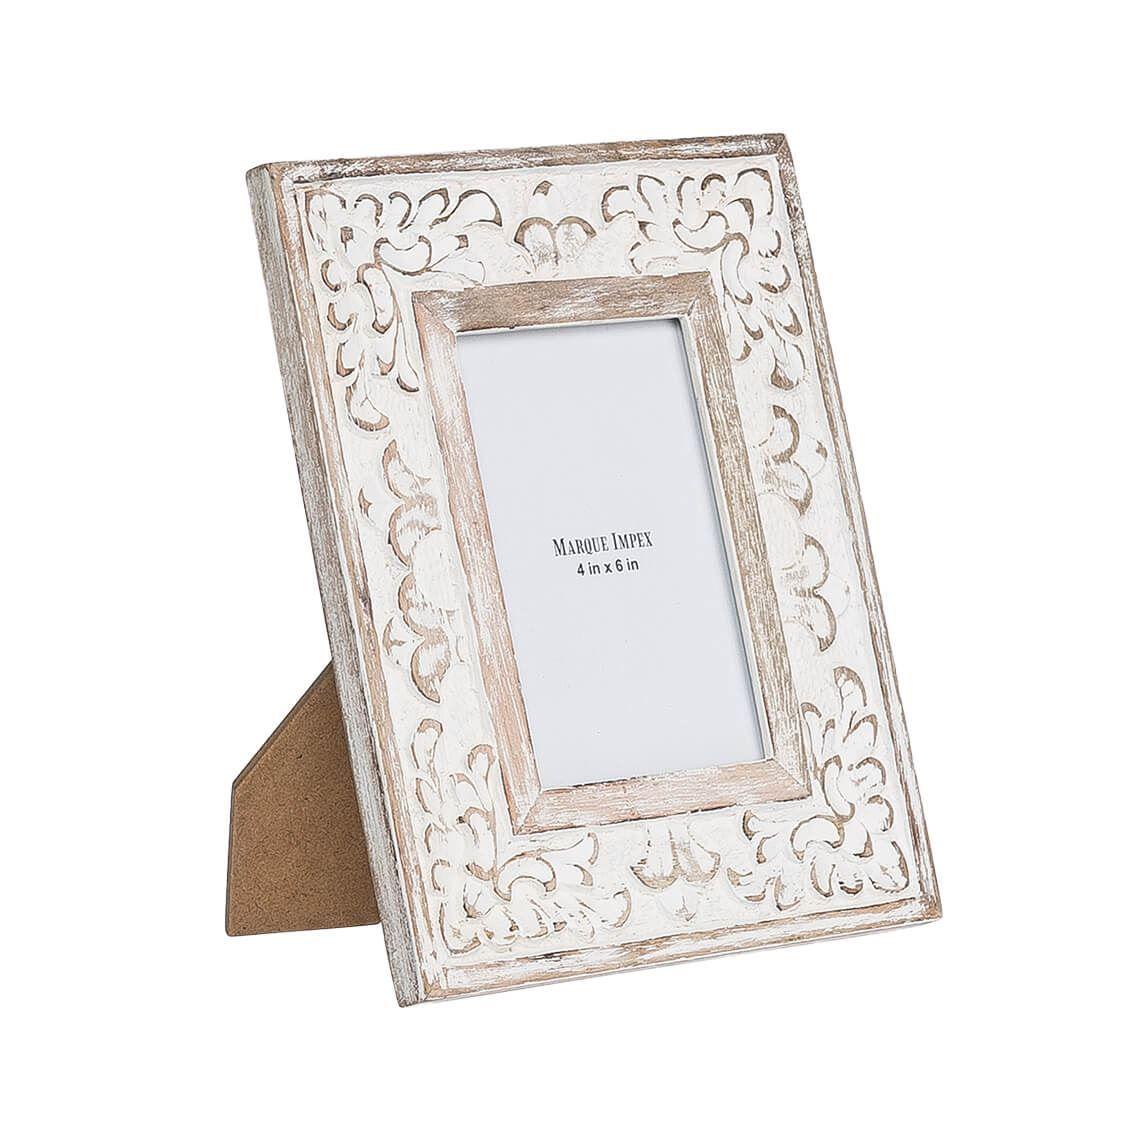 Bodrum 4x6 Inch Photo Frame White Wash In 2019 Frame Bodrum